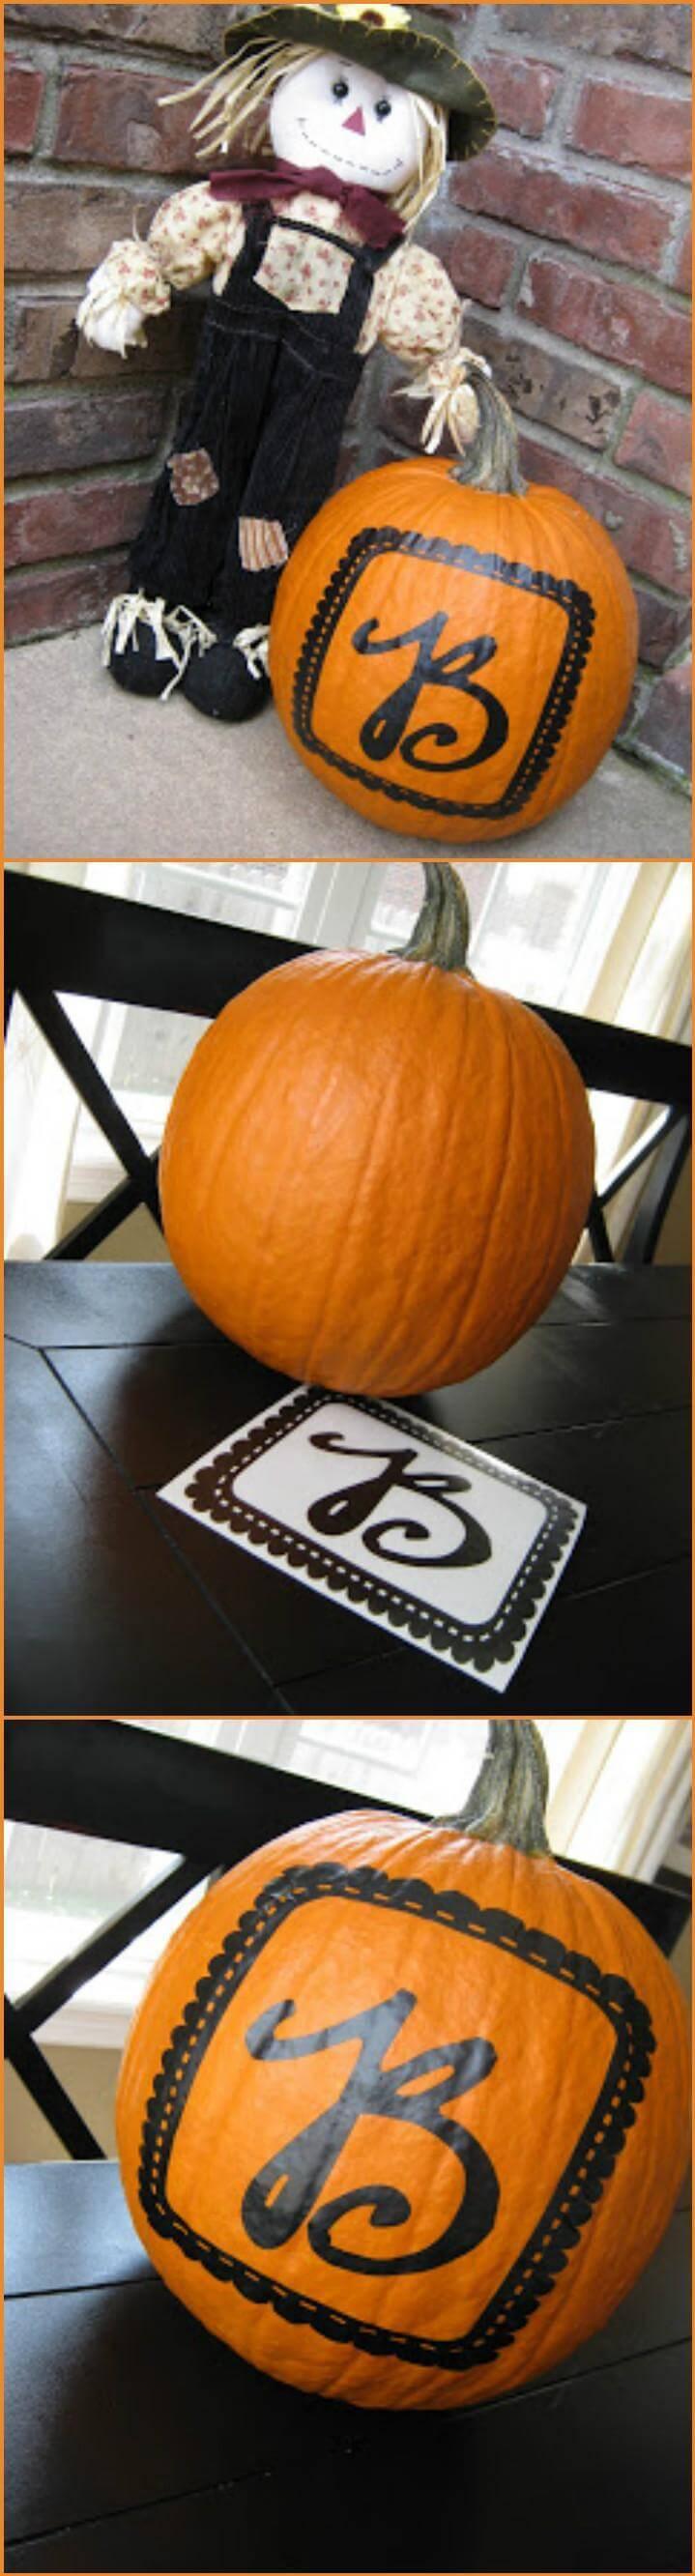 vinyl sticker monogrammed pumpkin